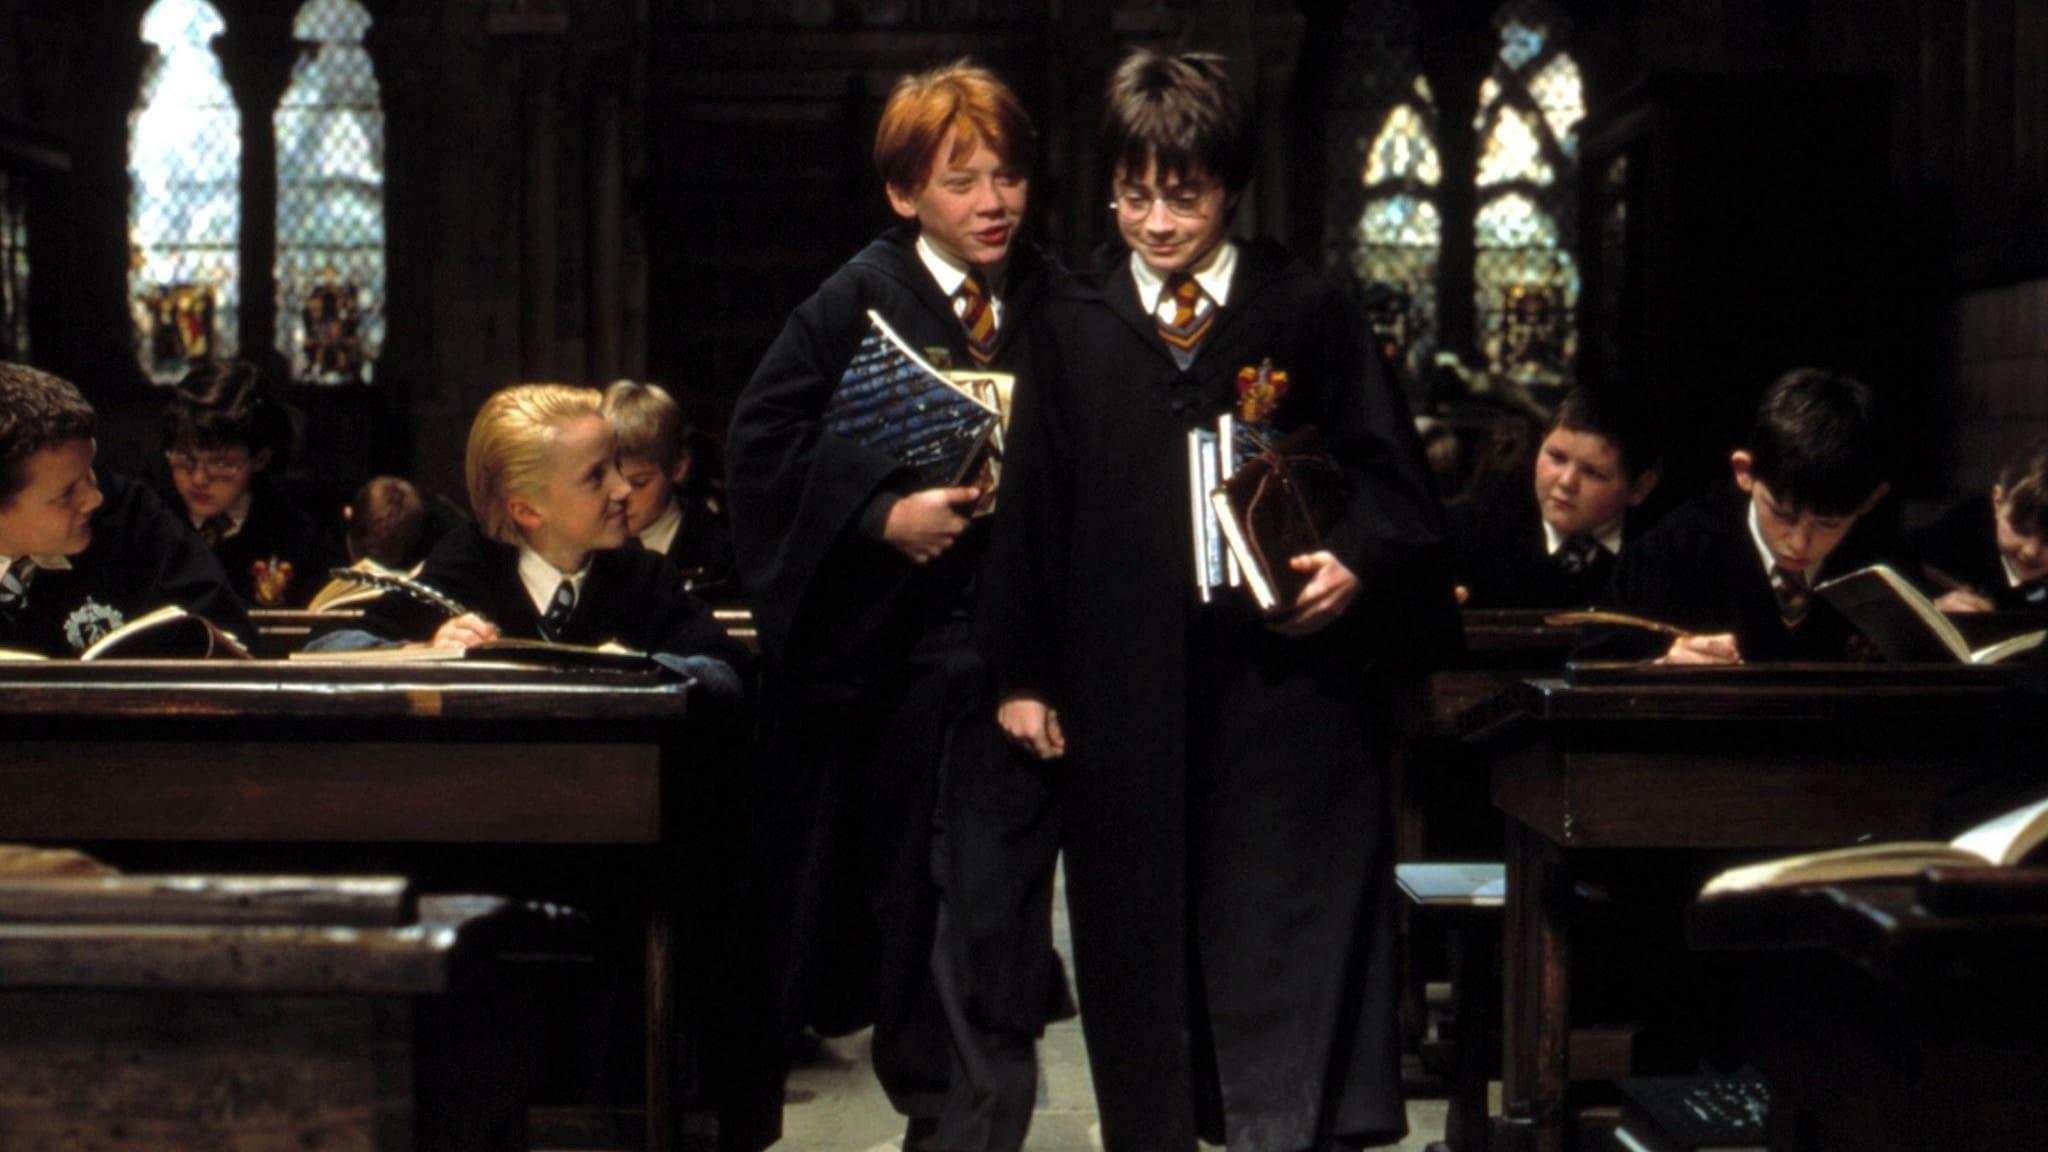 Szulei Halala Utan Harry Potter Mostohaszuloknel Nevelkedik Sanyaru A Sorsa A Lepcso Alatti Kuckoban Lakik Es Elviselhetetl Harry Potter Ron Weasley Hogwarts